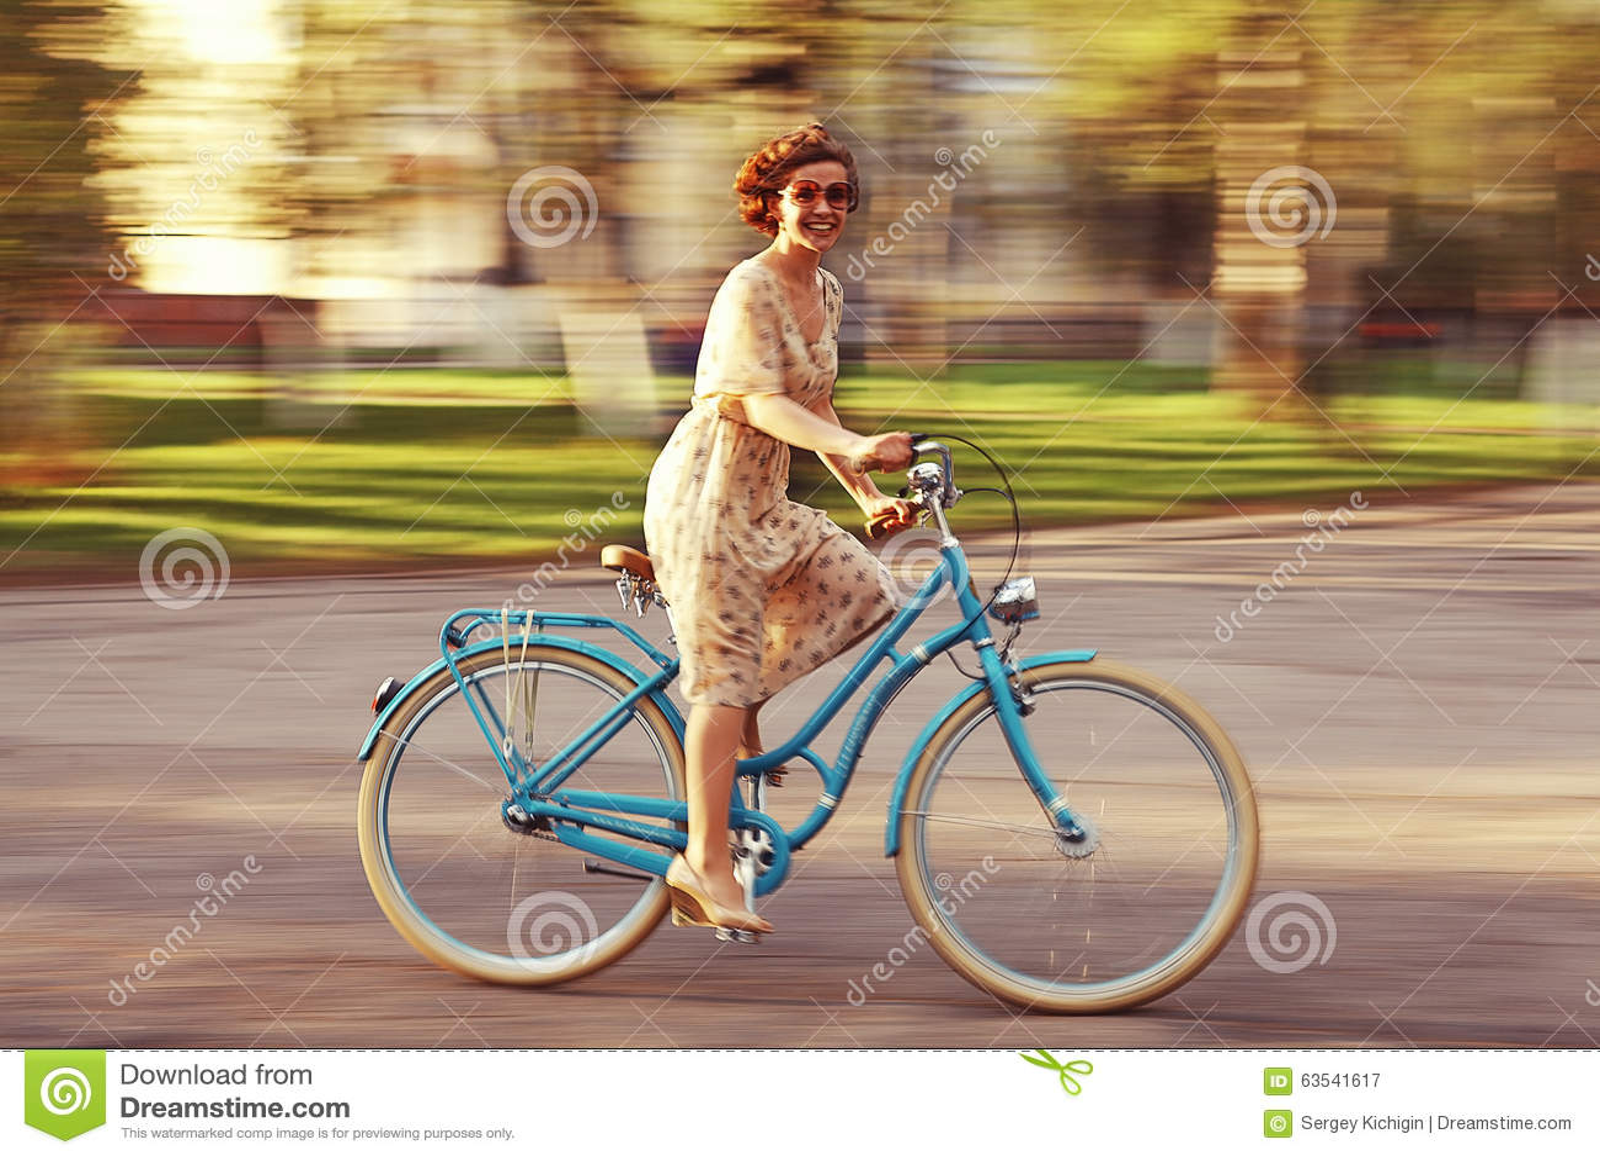 Картинки девушка с велосипедом 7